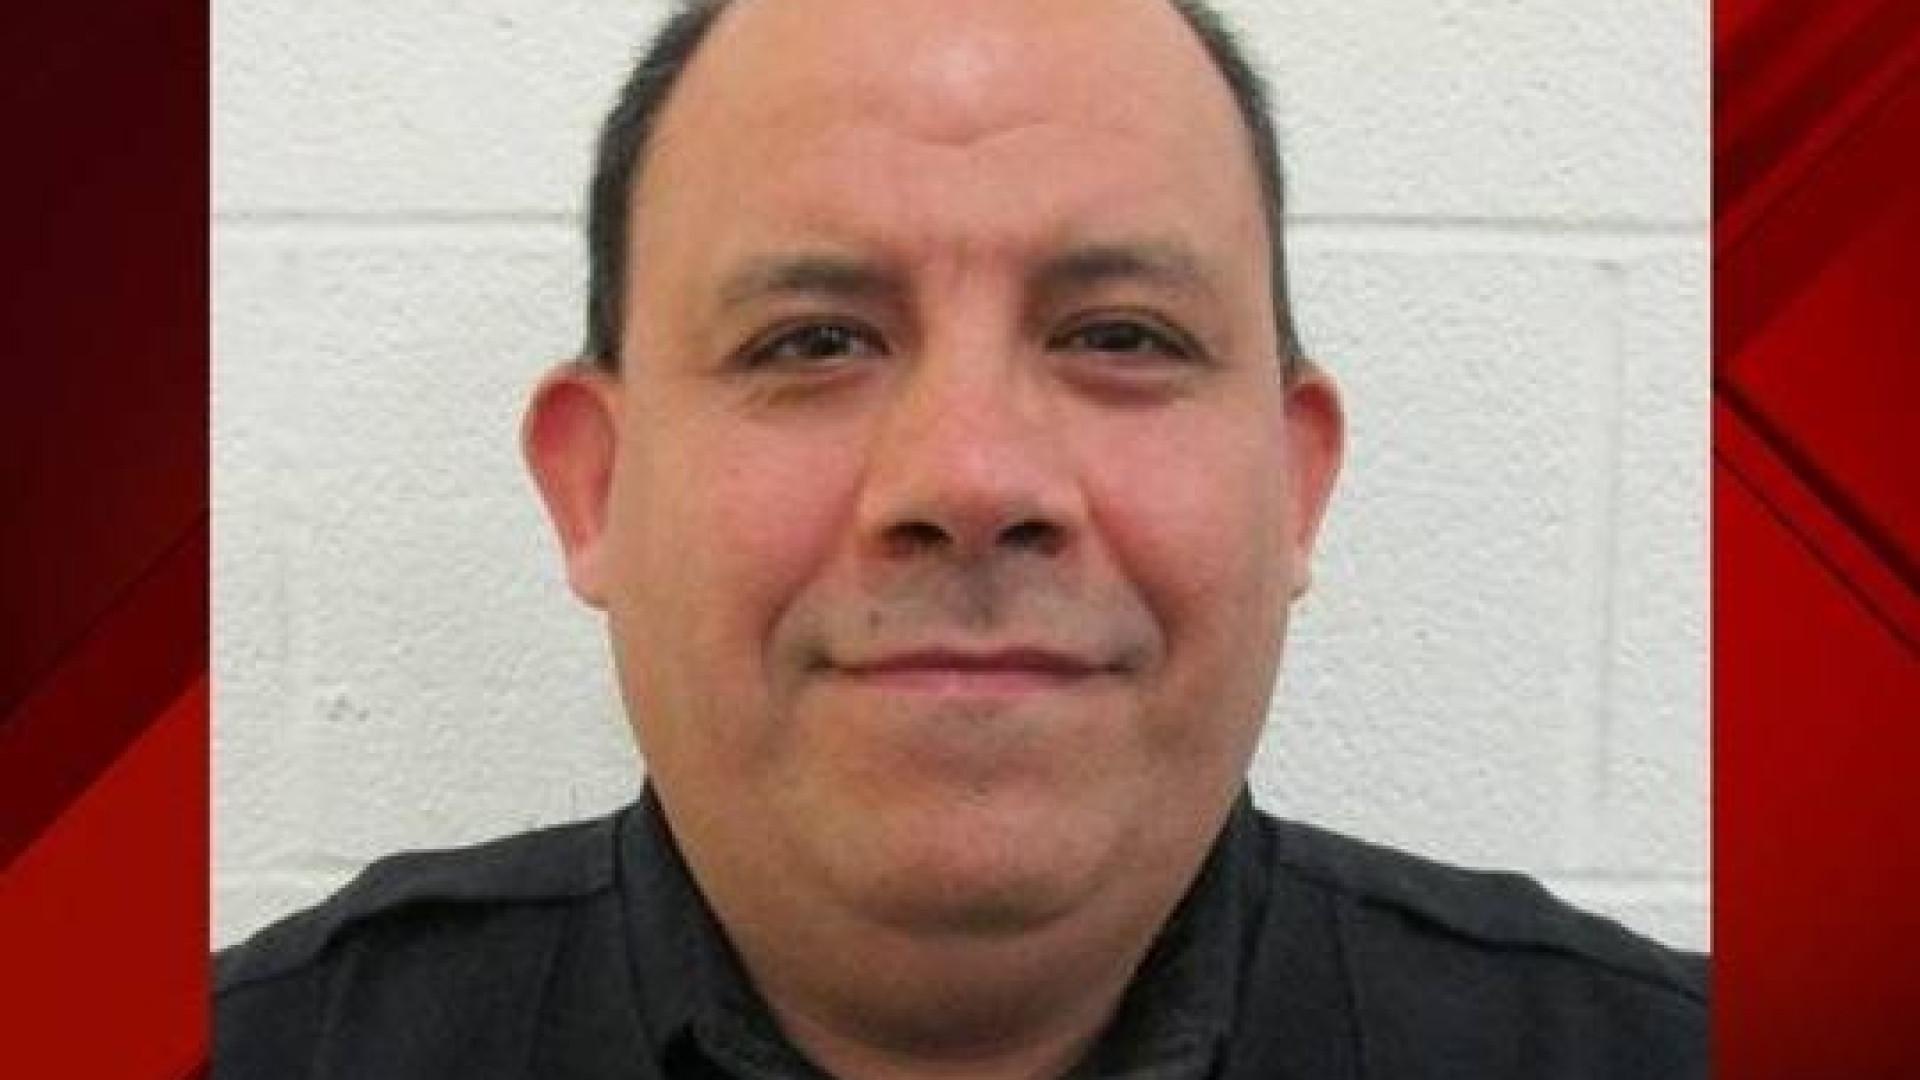 Policial texano é preso por estuprar criança e ameaçar deportar a mãe